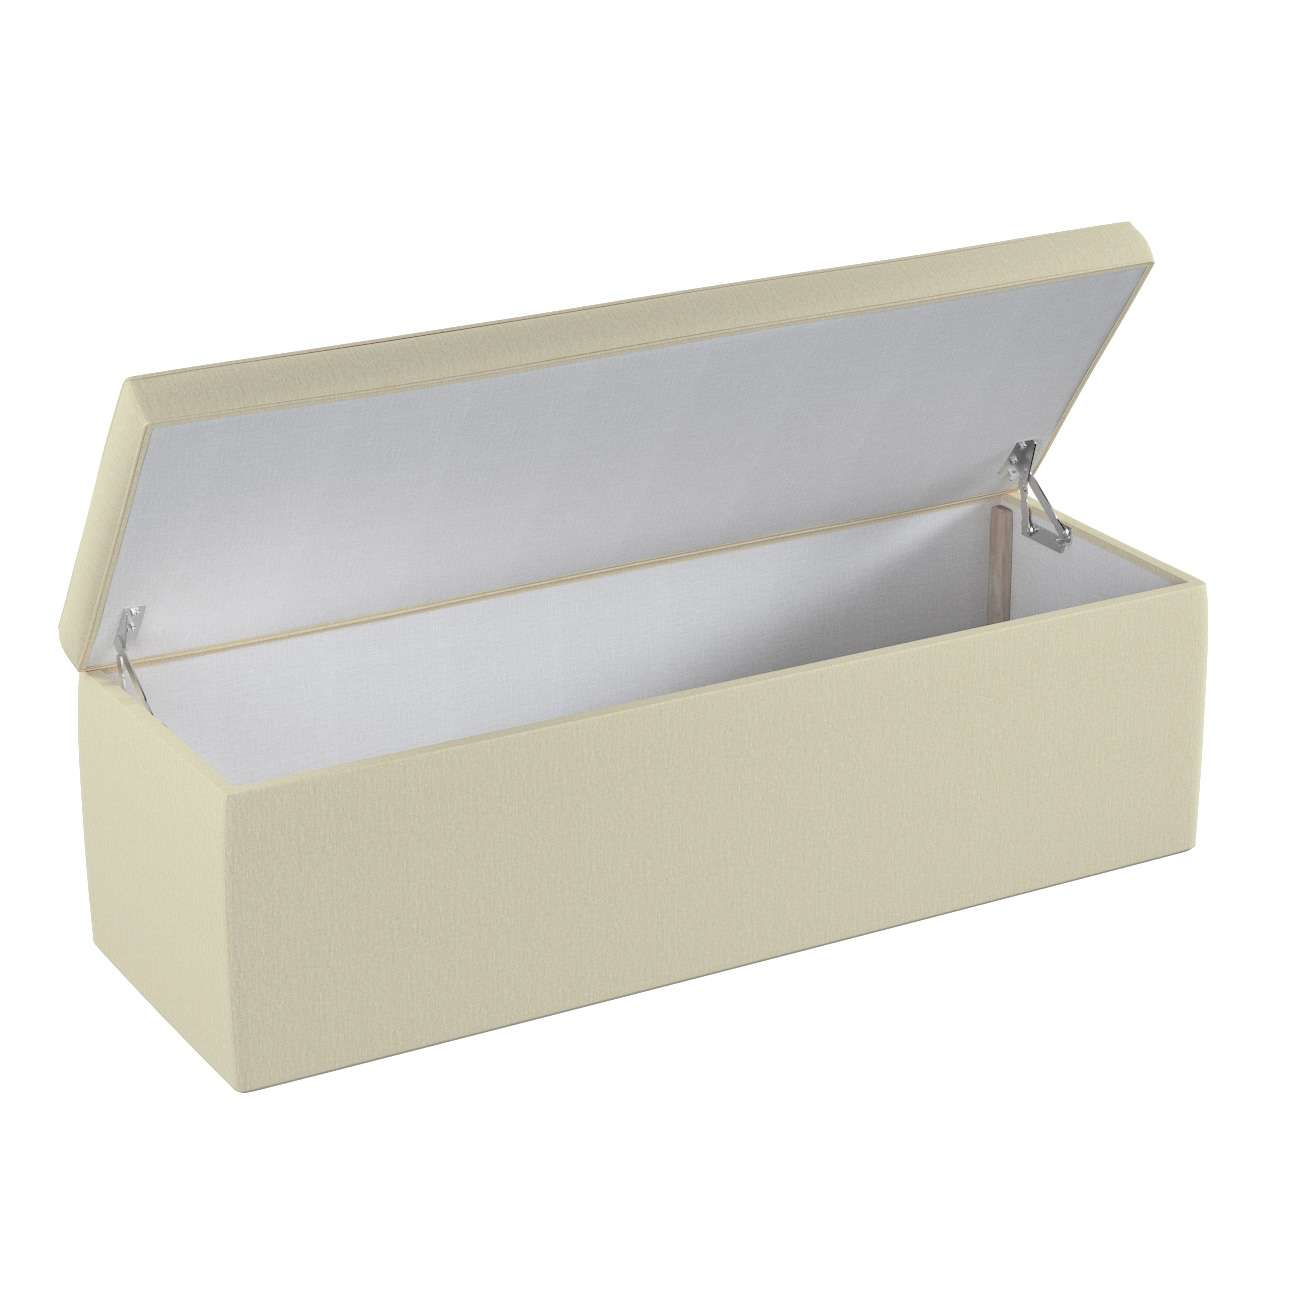 Dežė/skrynia/daiktadėžė 90 × 40 × 40 cm kolekcijoje Chenille, audinys: 702-22